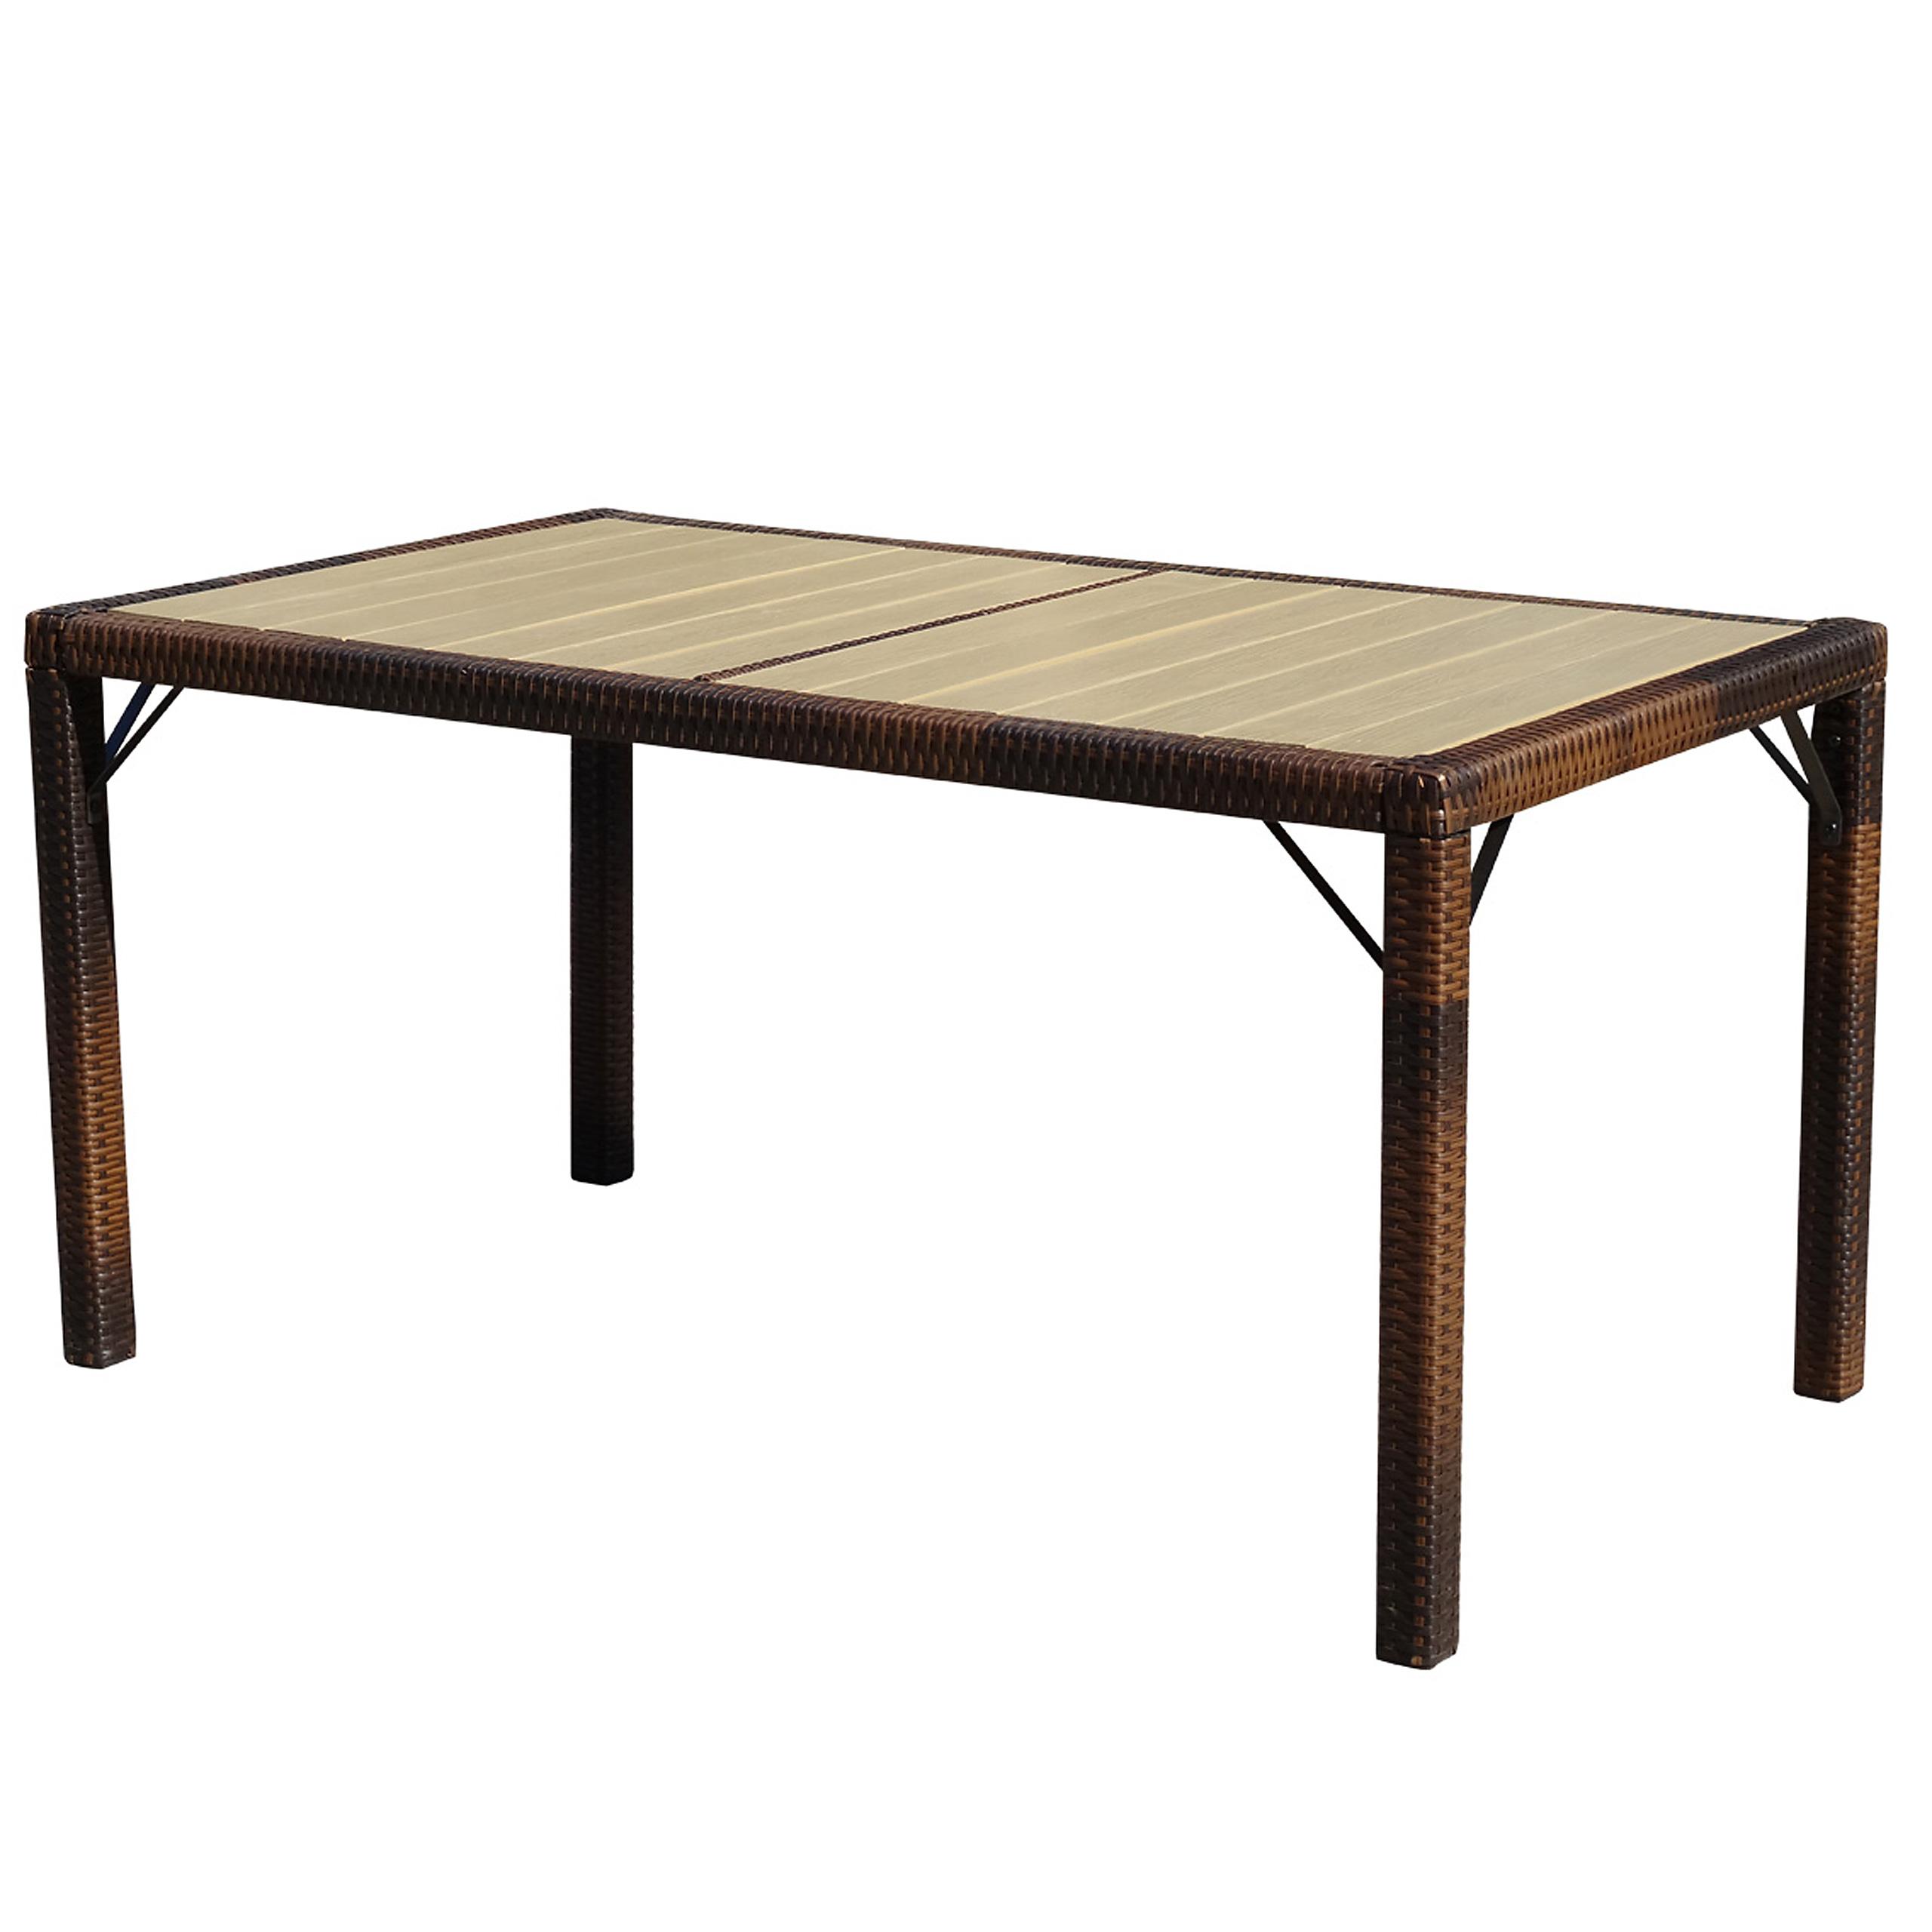 poly rattan gartentisch damiette tisch esszimmertisch. Black Bedroom Furniture Sets. Home Design Ideas